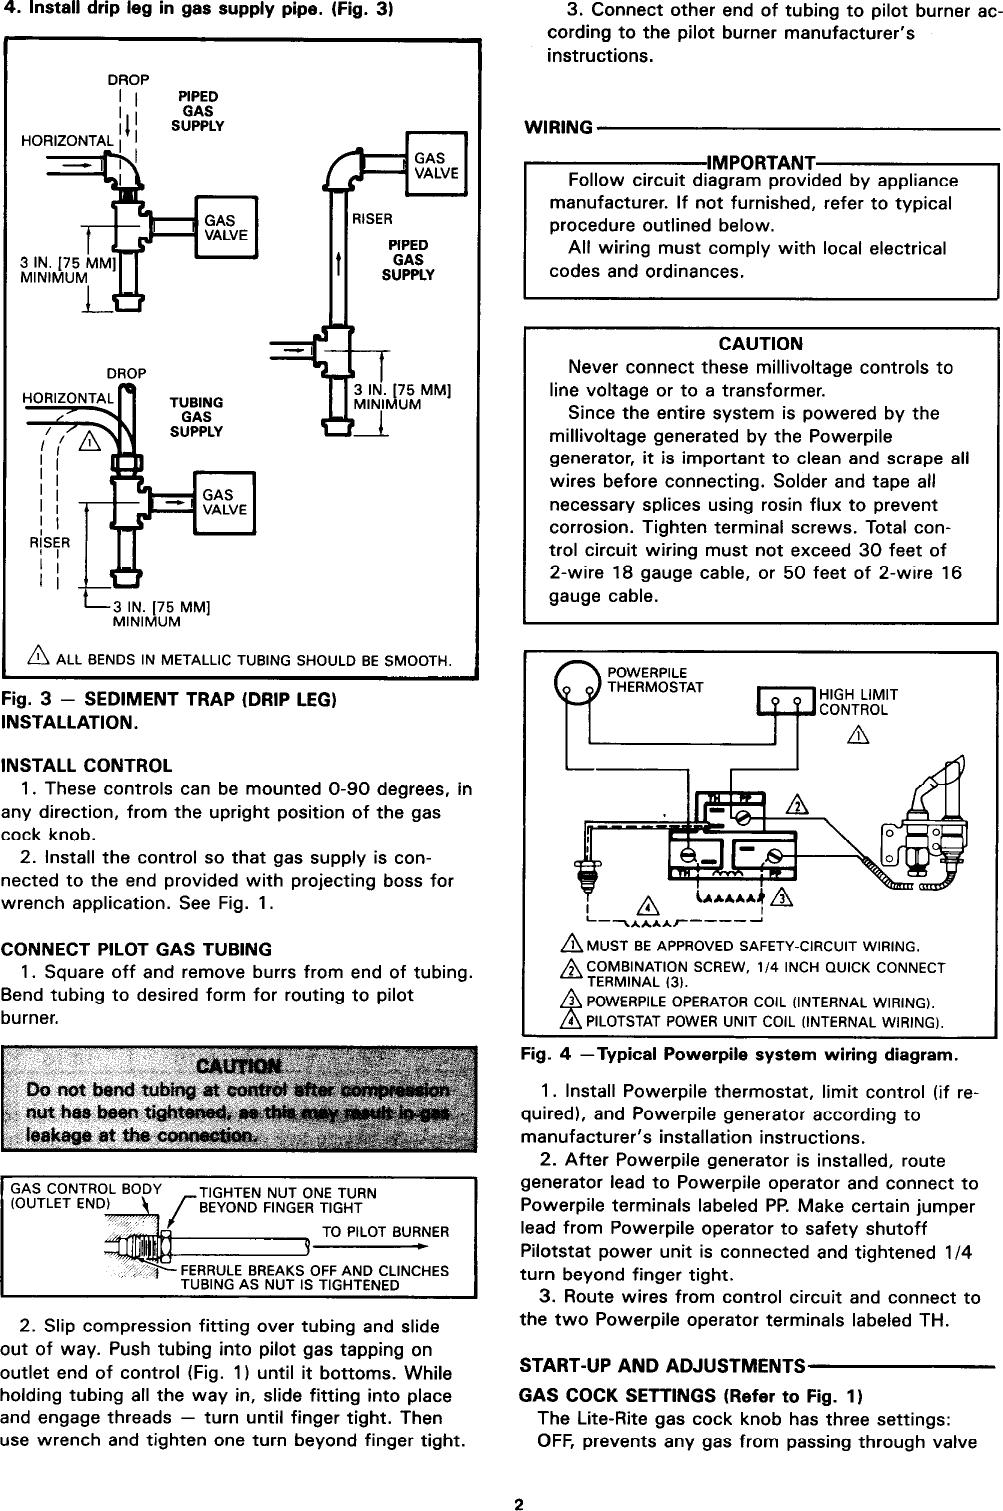 Vs820c Gas Valve Wiring Diagram